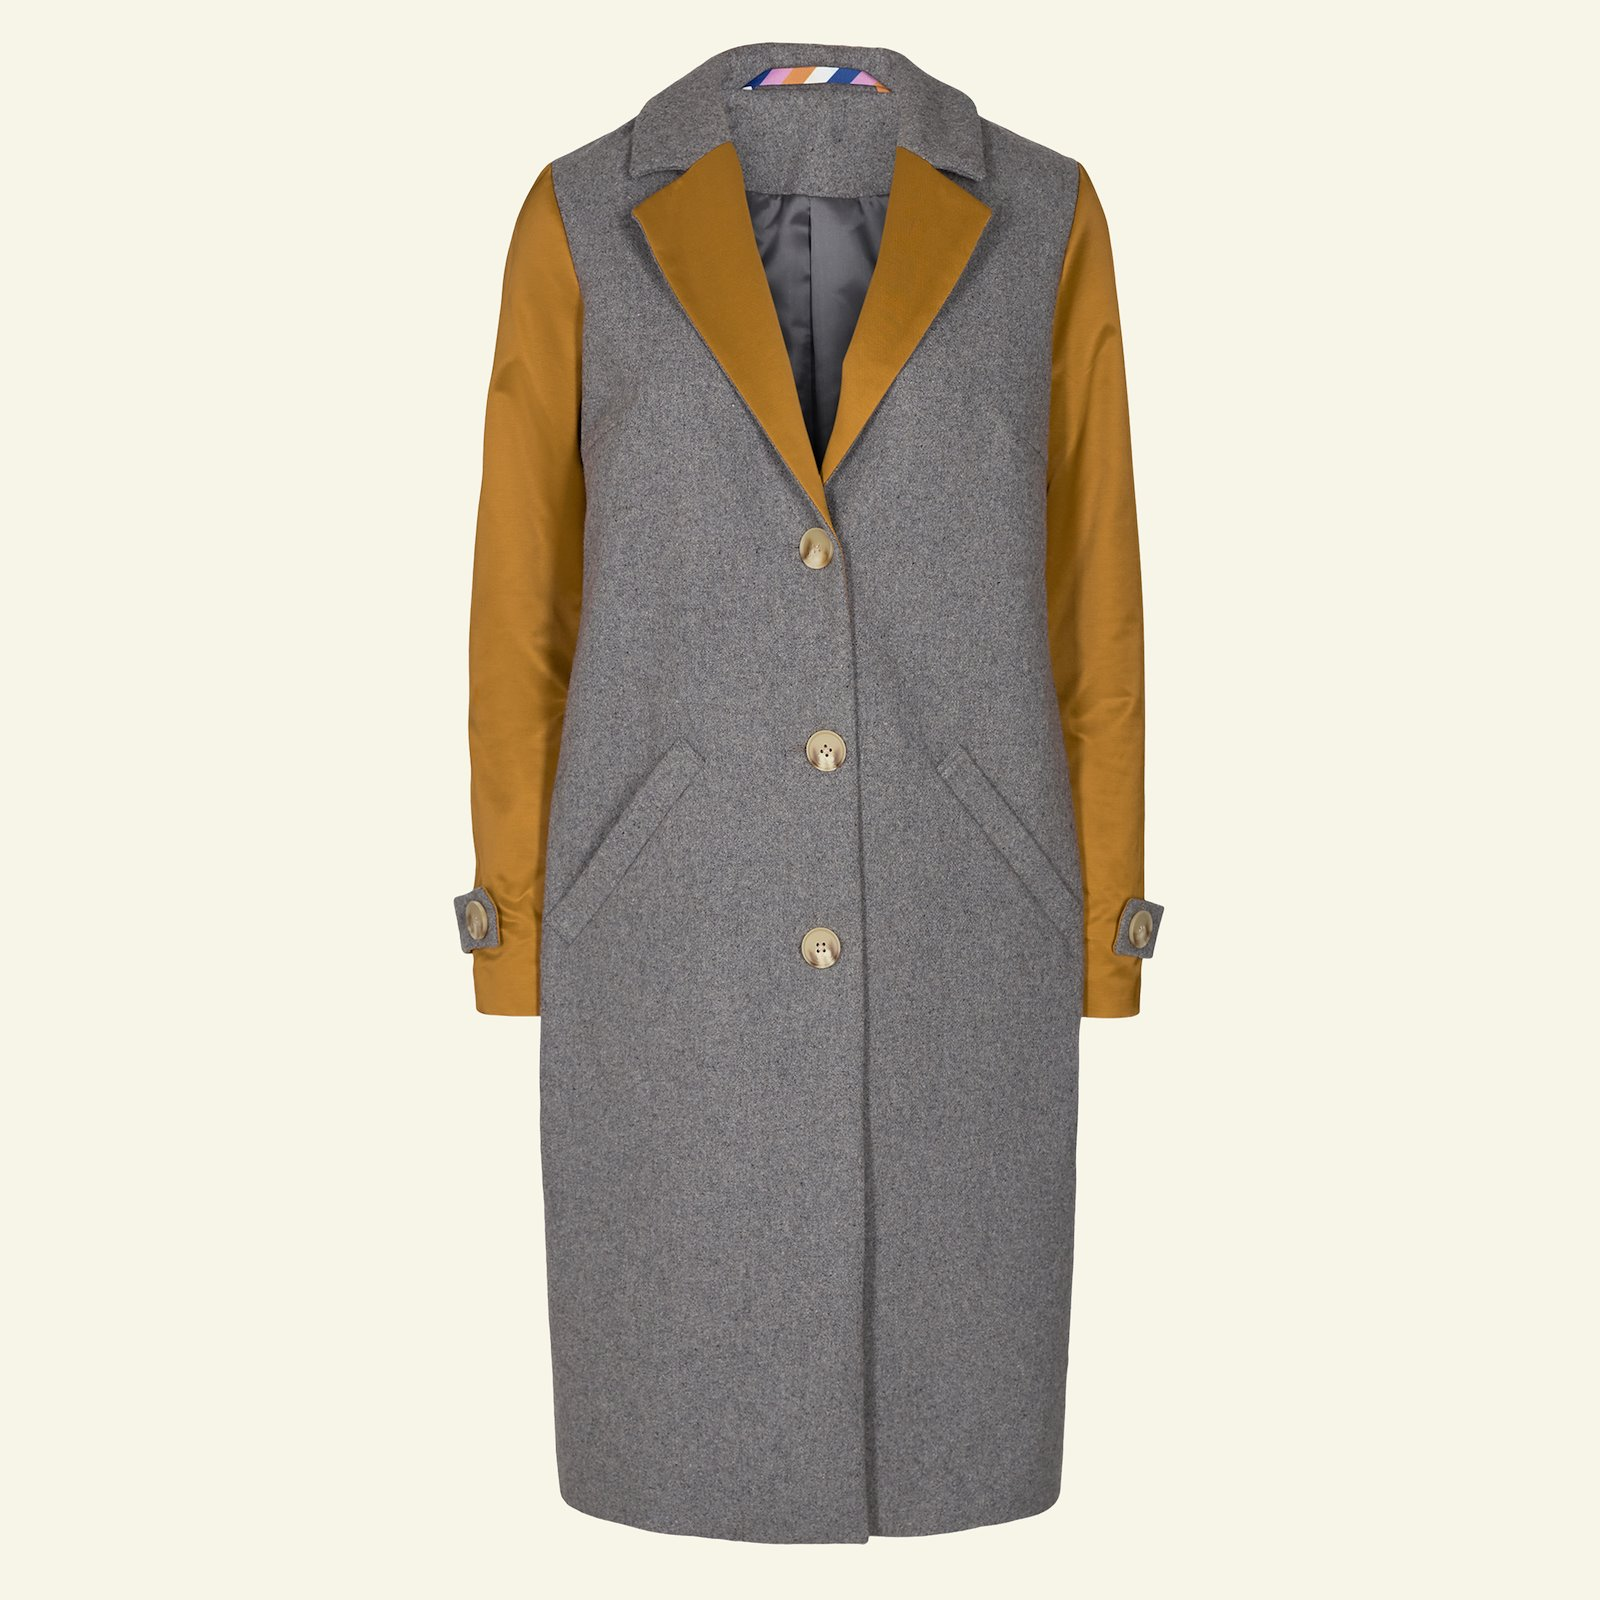 Long coat, 38/10 p24041_300130_450818_5005_40239_21338_sskit